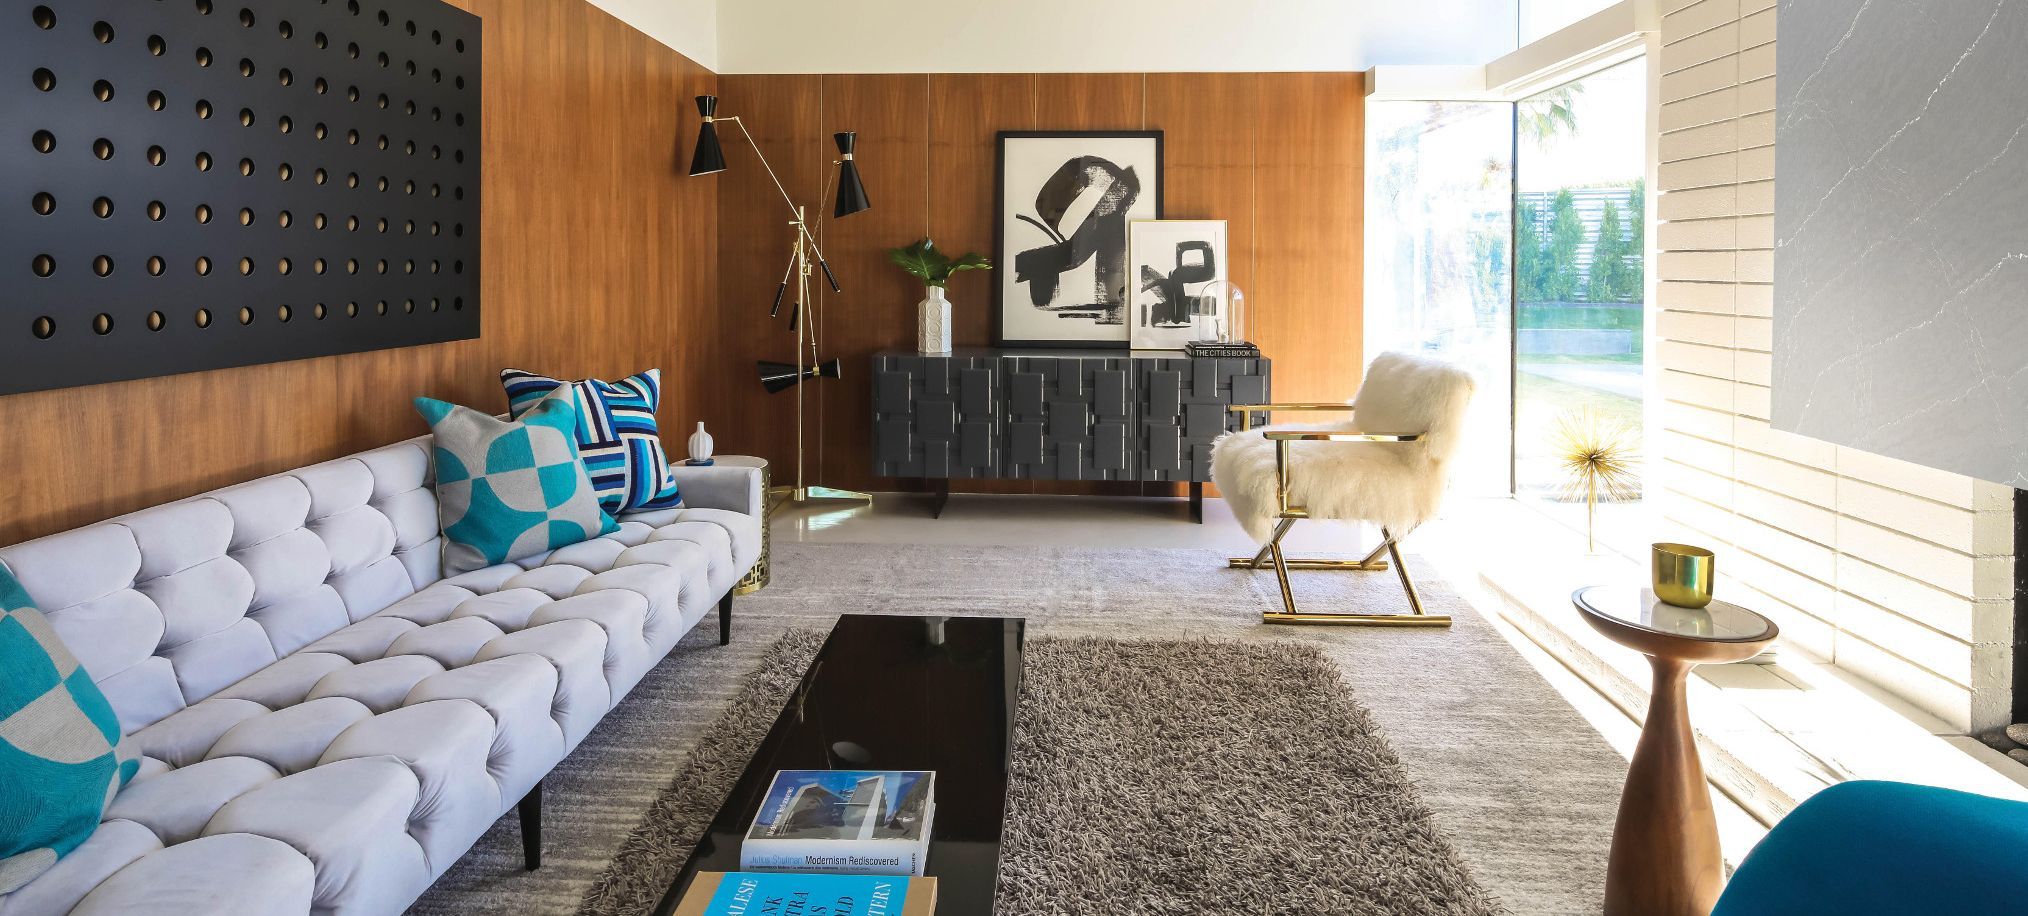 Great Getaway Living Room.jpg